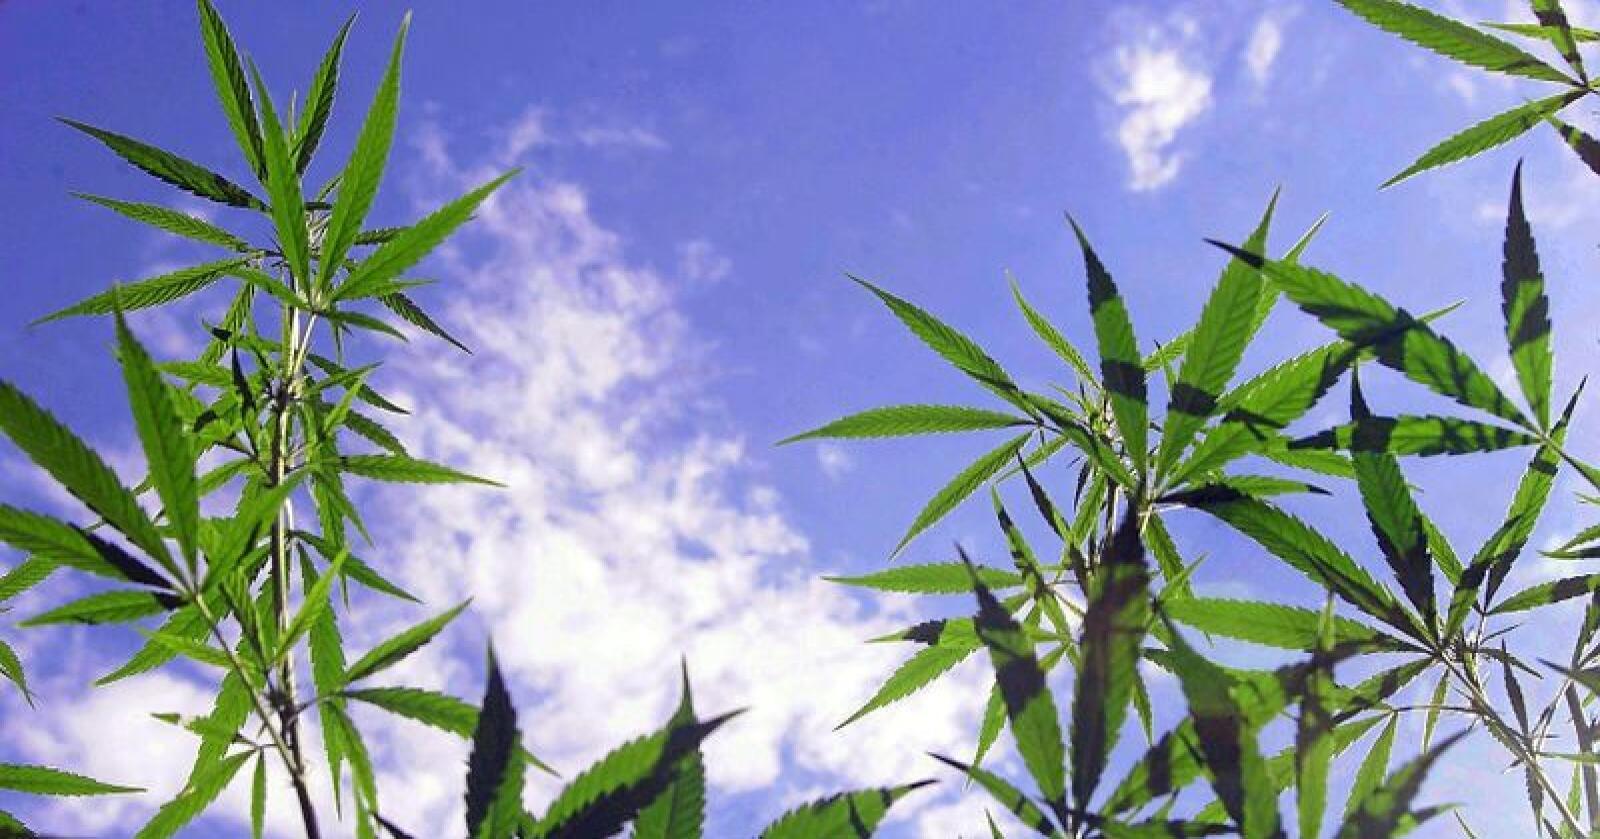 Fpu-lederen mener cannabis er mindre farlig enn alkohol. Sylvi Listhaug er uenig. Foto: PHOTOPQR/LA DEPECHE DU MIDI